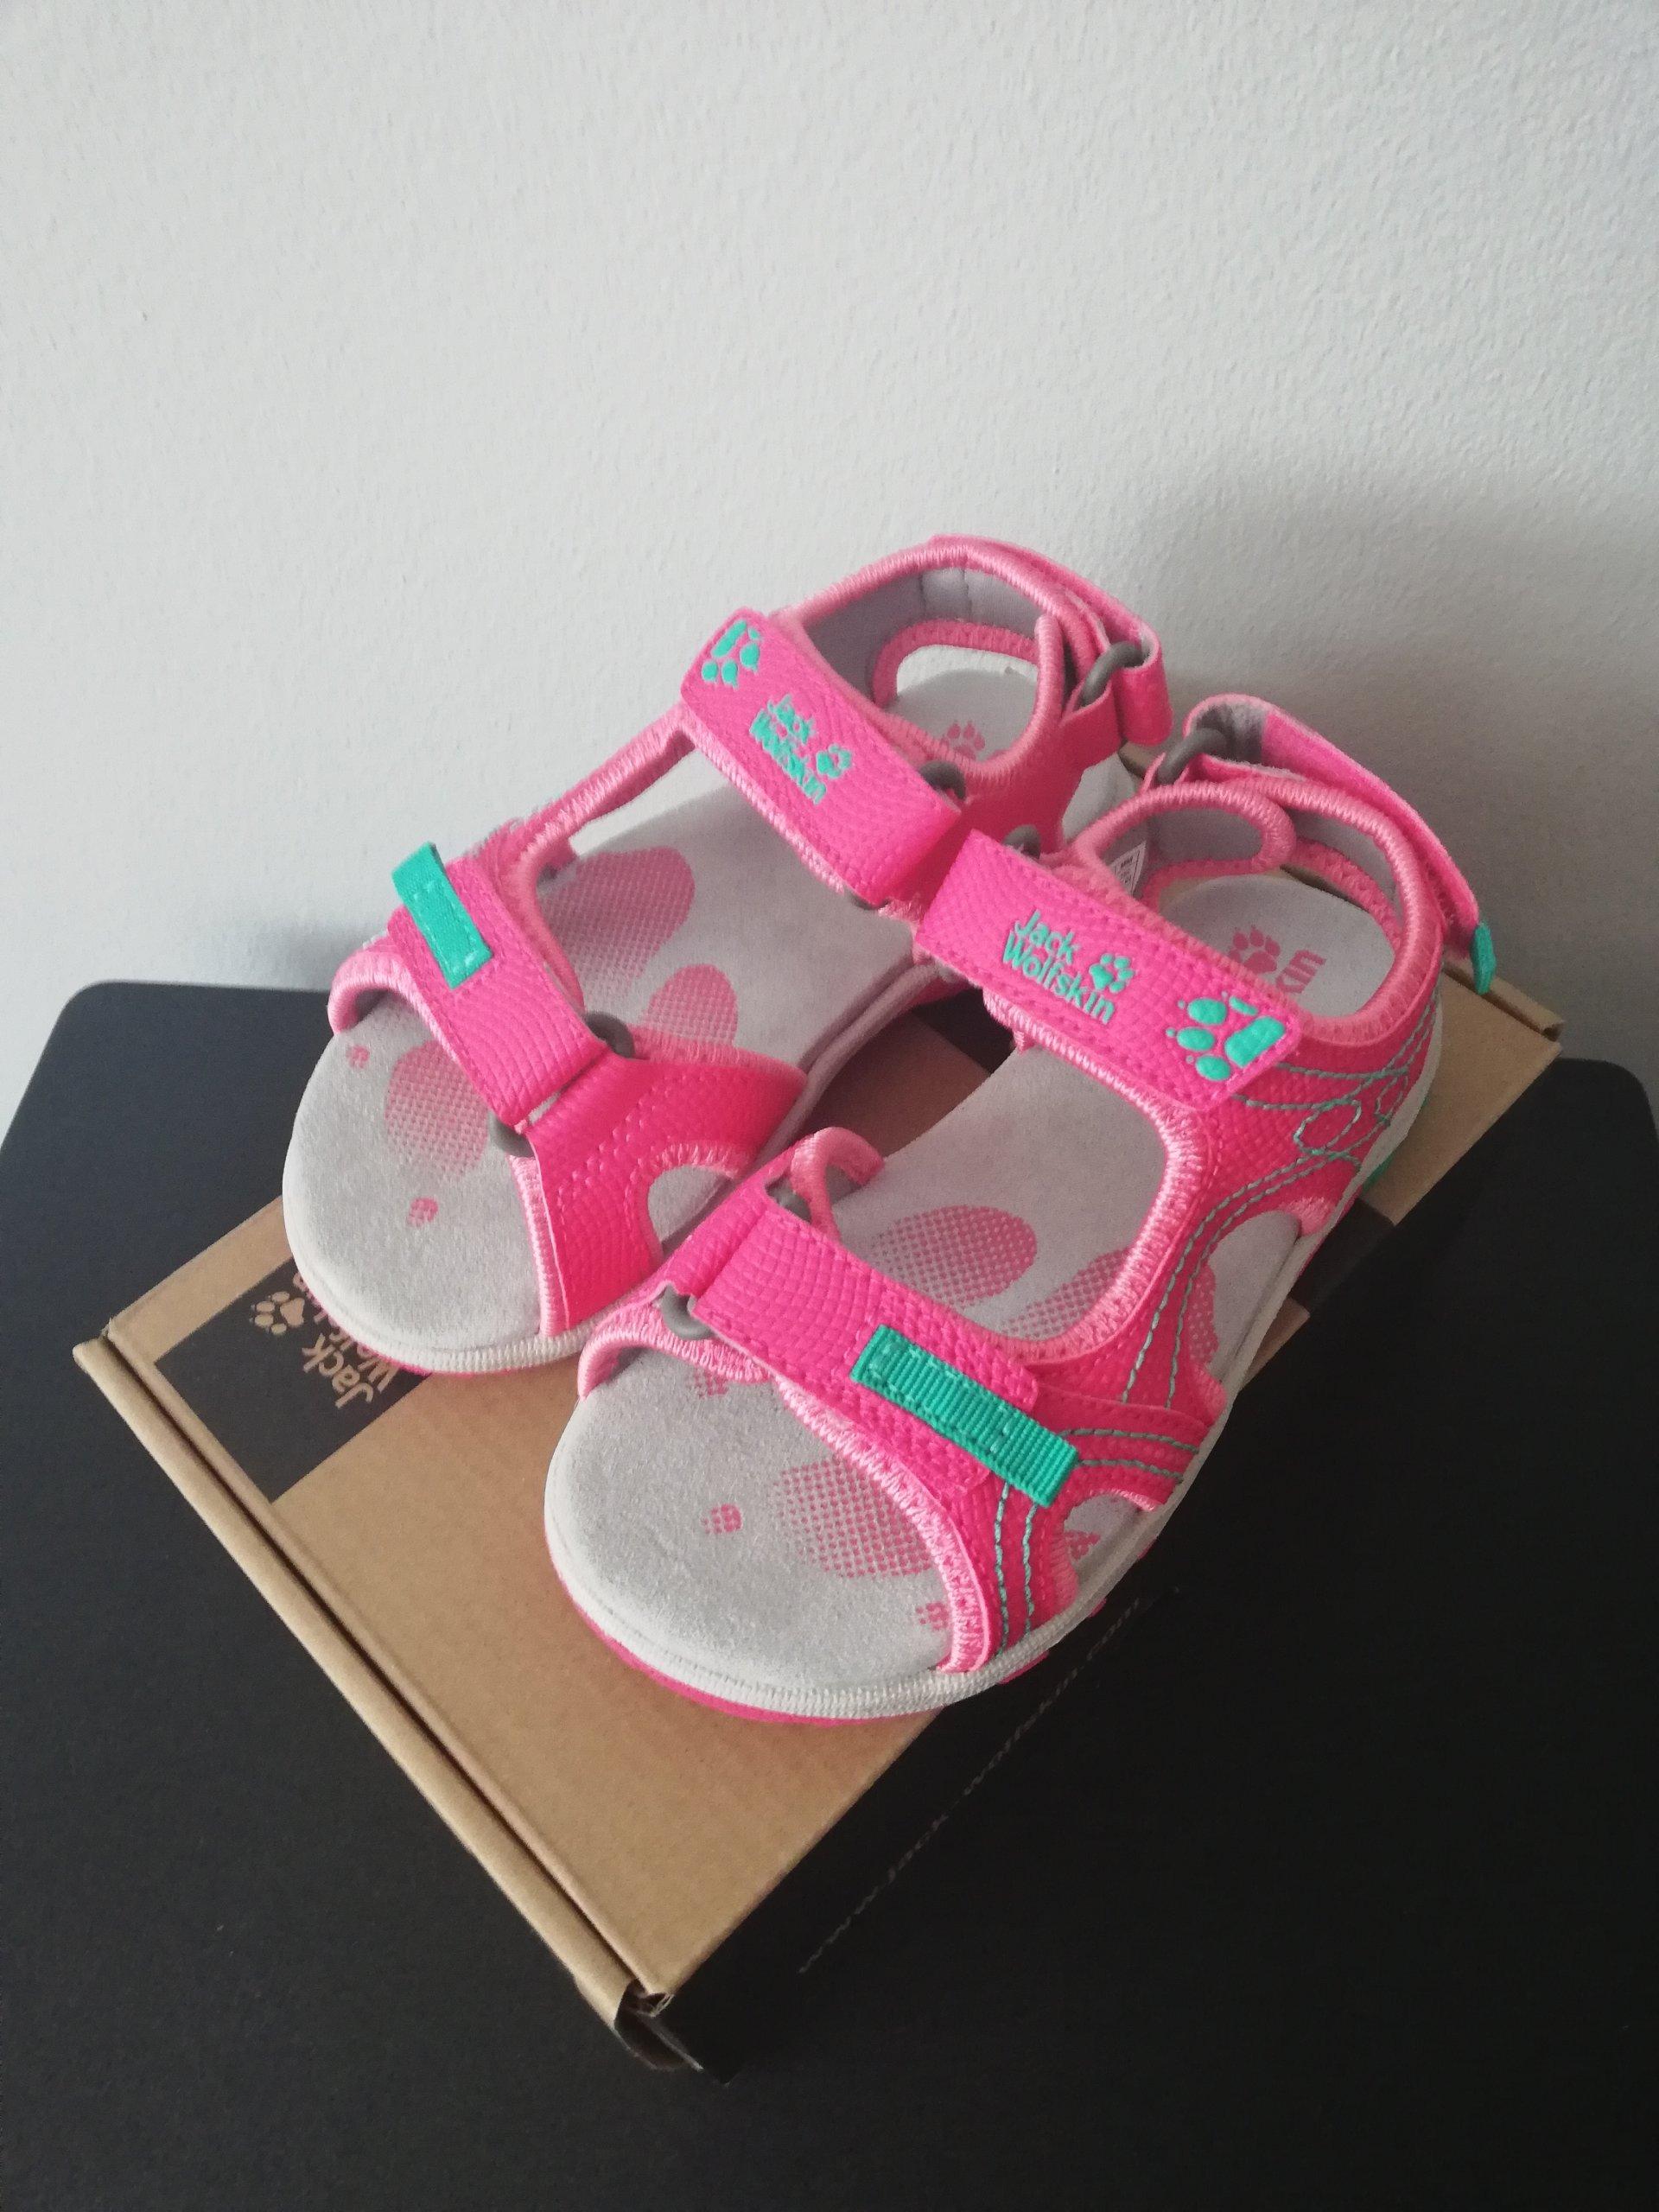 buty do biegania najlepsze oferty na buty do biegania Sandały JACK WOLFSKIN ACORA rozmiar 27